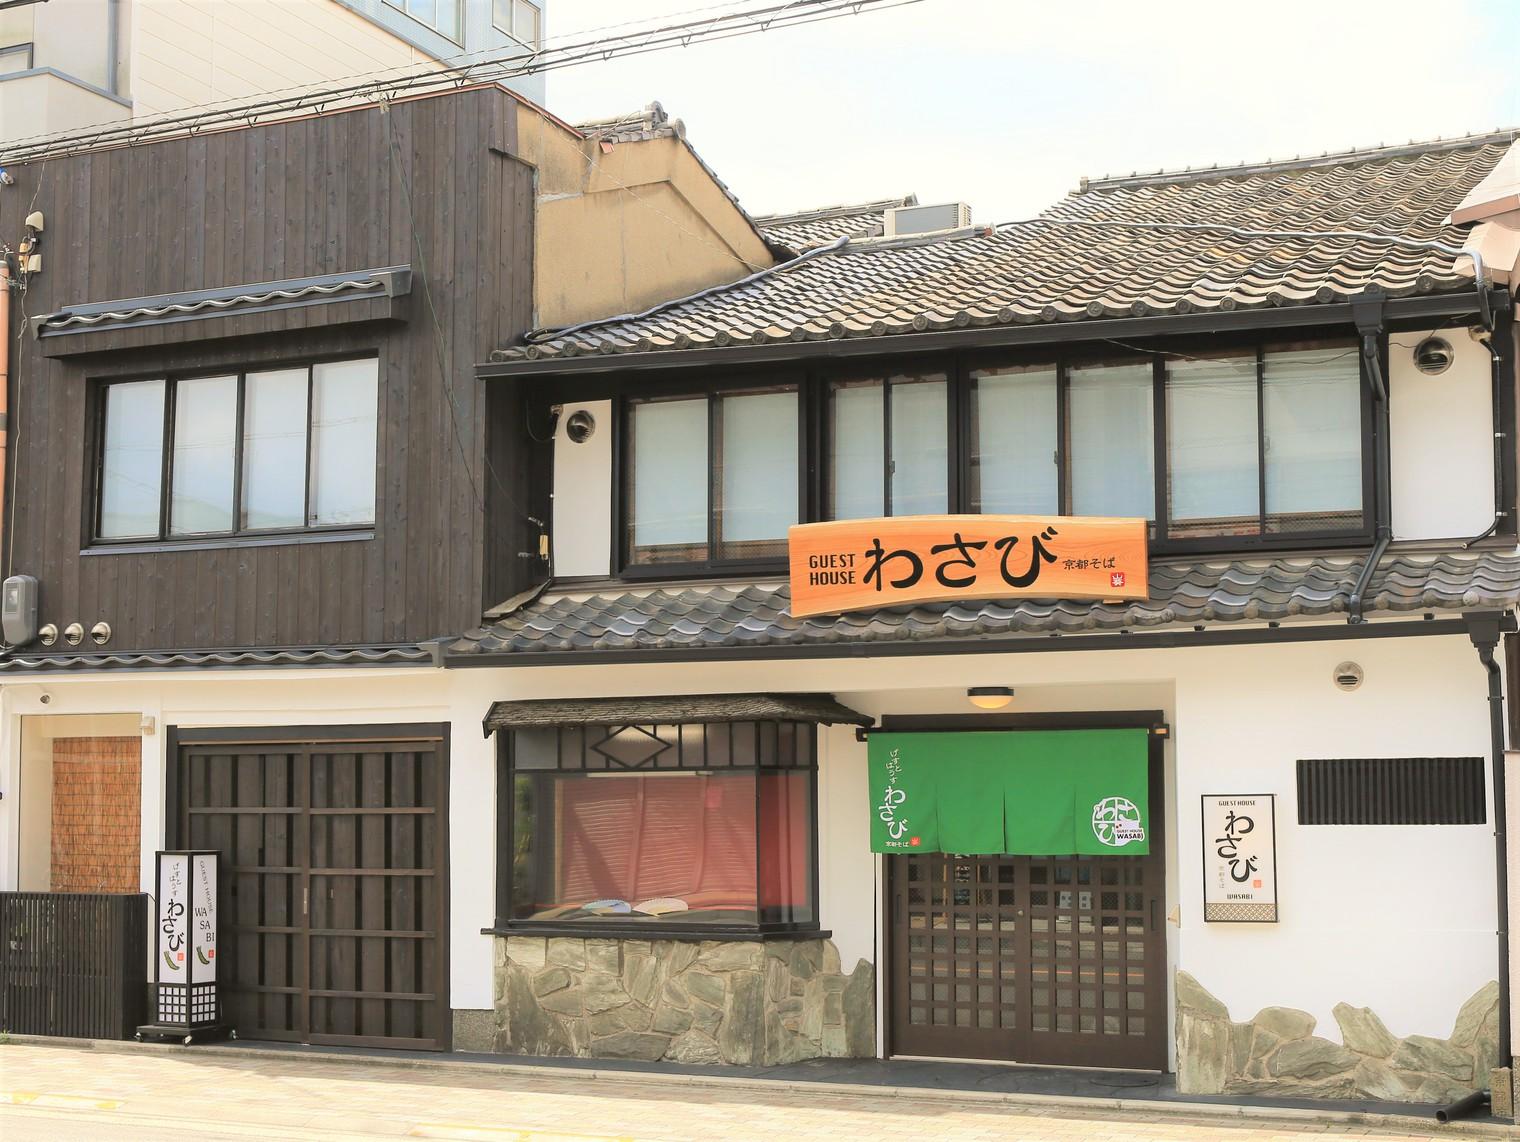 旅館&ホステル わさび京都そば